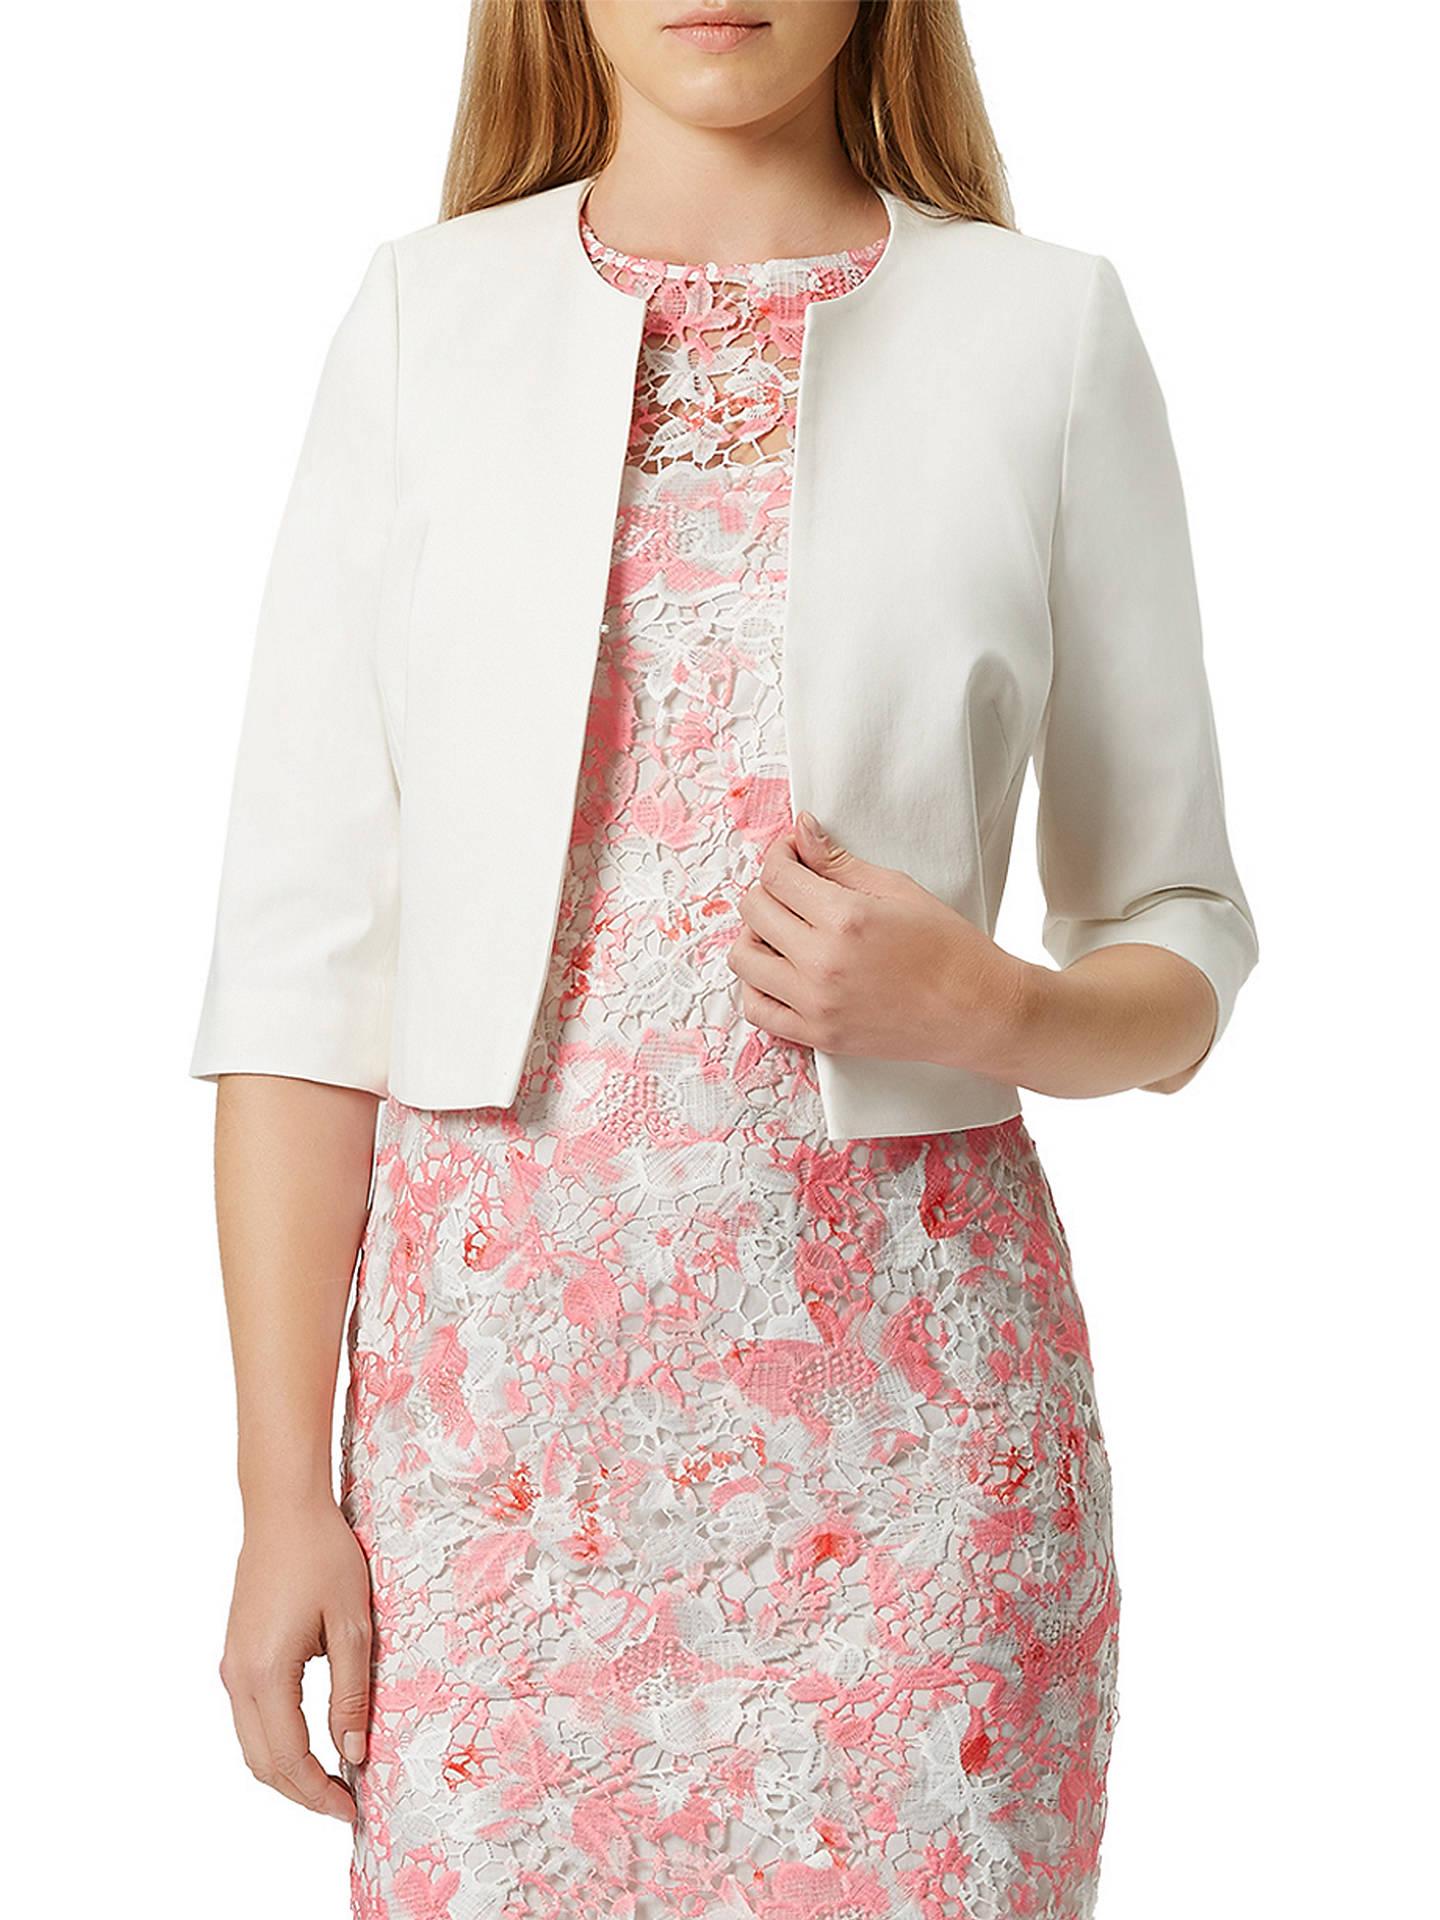 75d3a095a Damsel in a Dress Jacardie Jacket, Cream